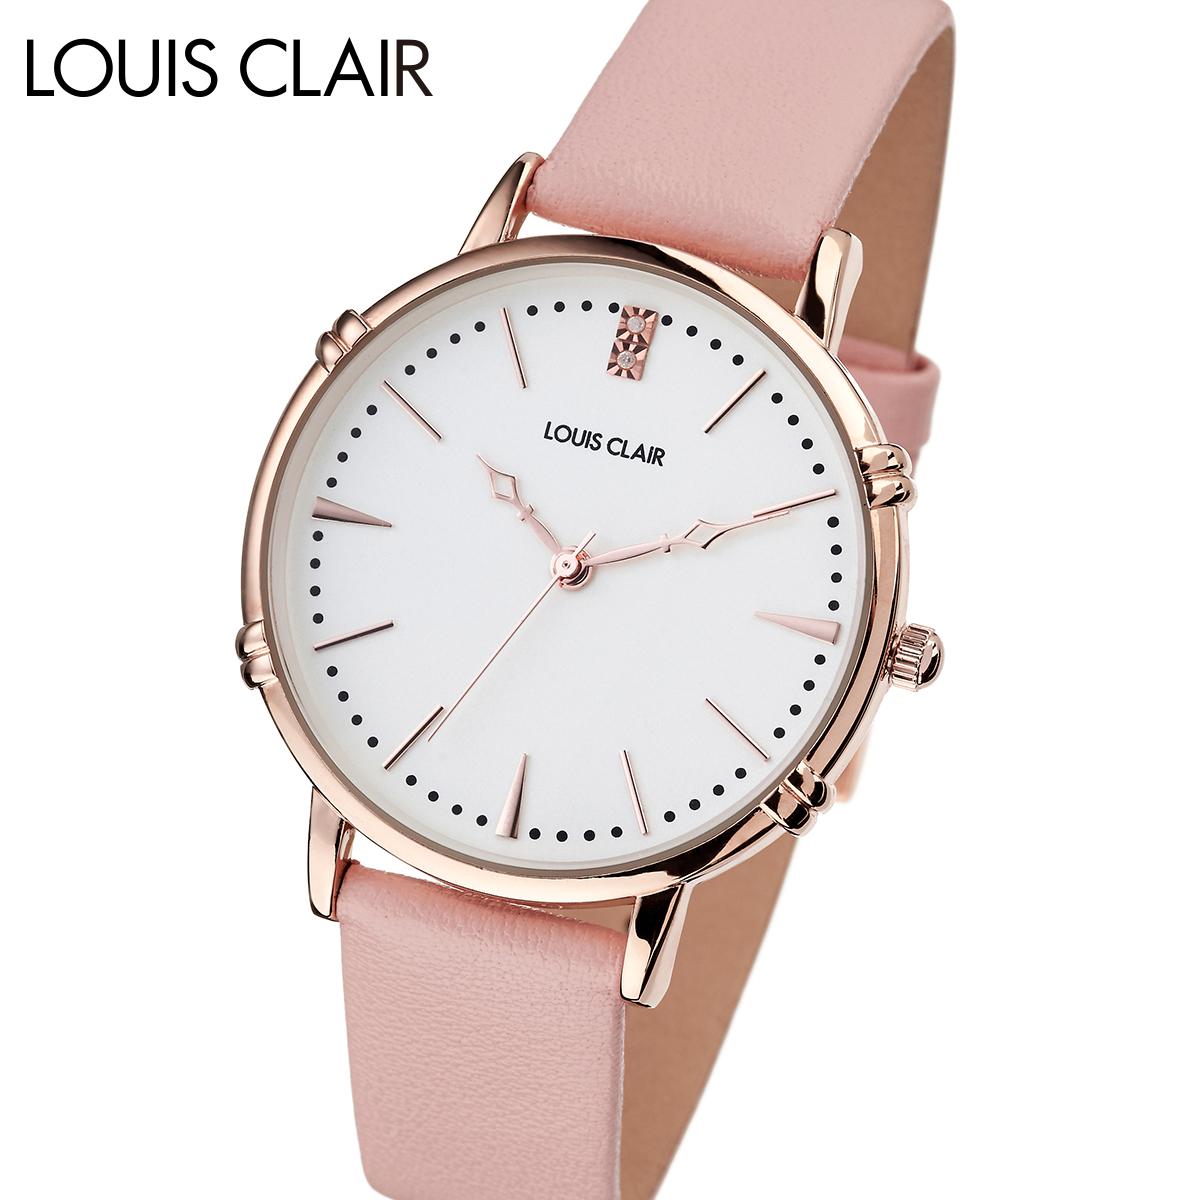 【全品送料無料】 ルイクレール LOUIS CLAIR Rosiers ロジエ CL02-PL レディース 時計 腕時計 クオーツ